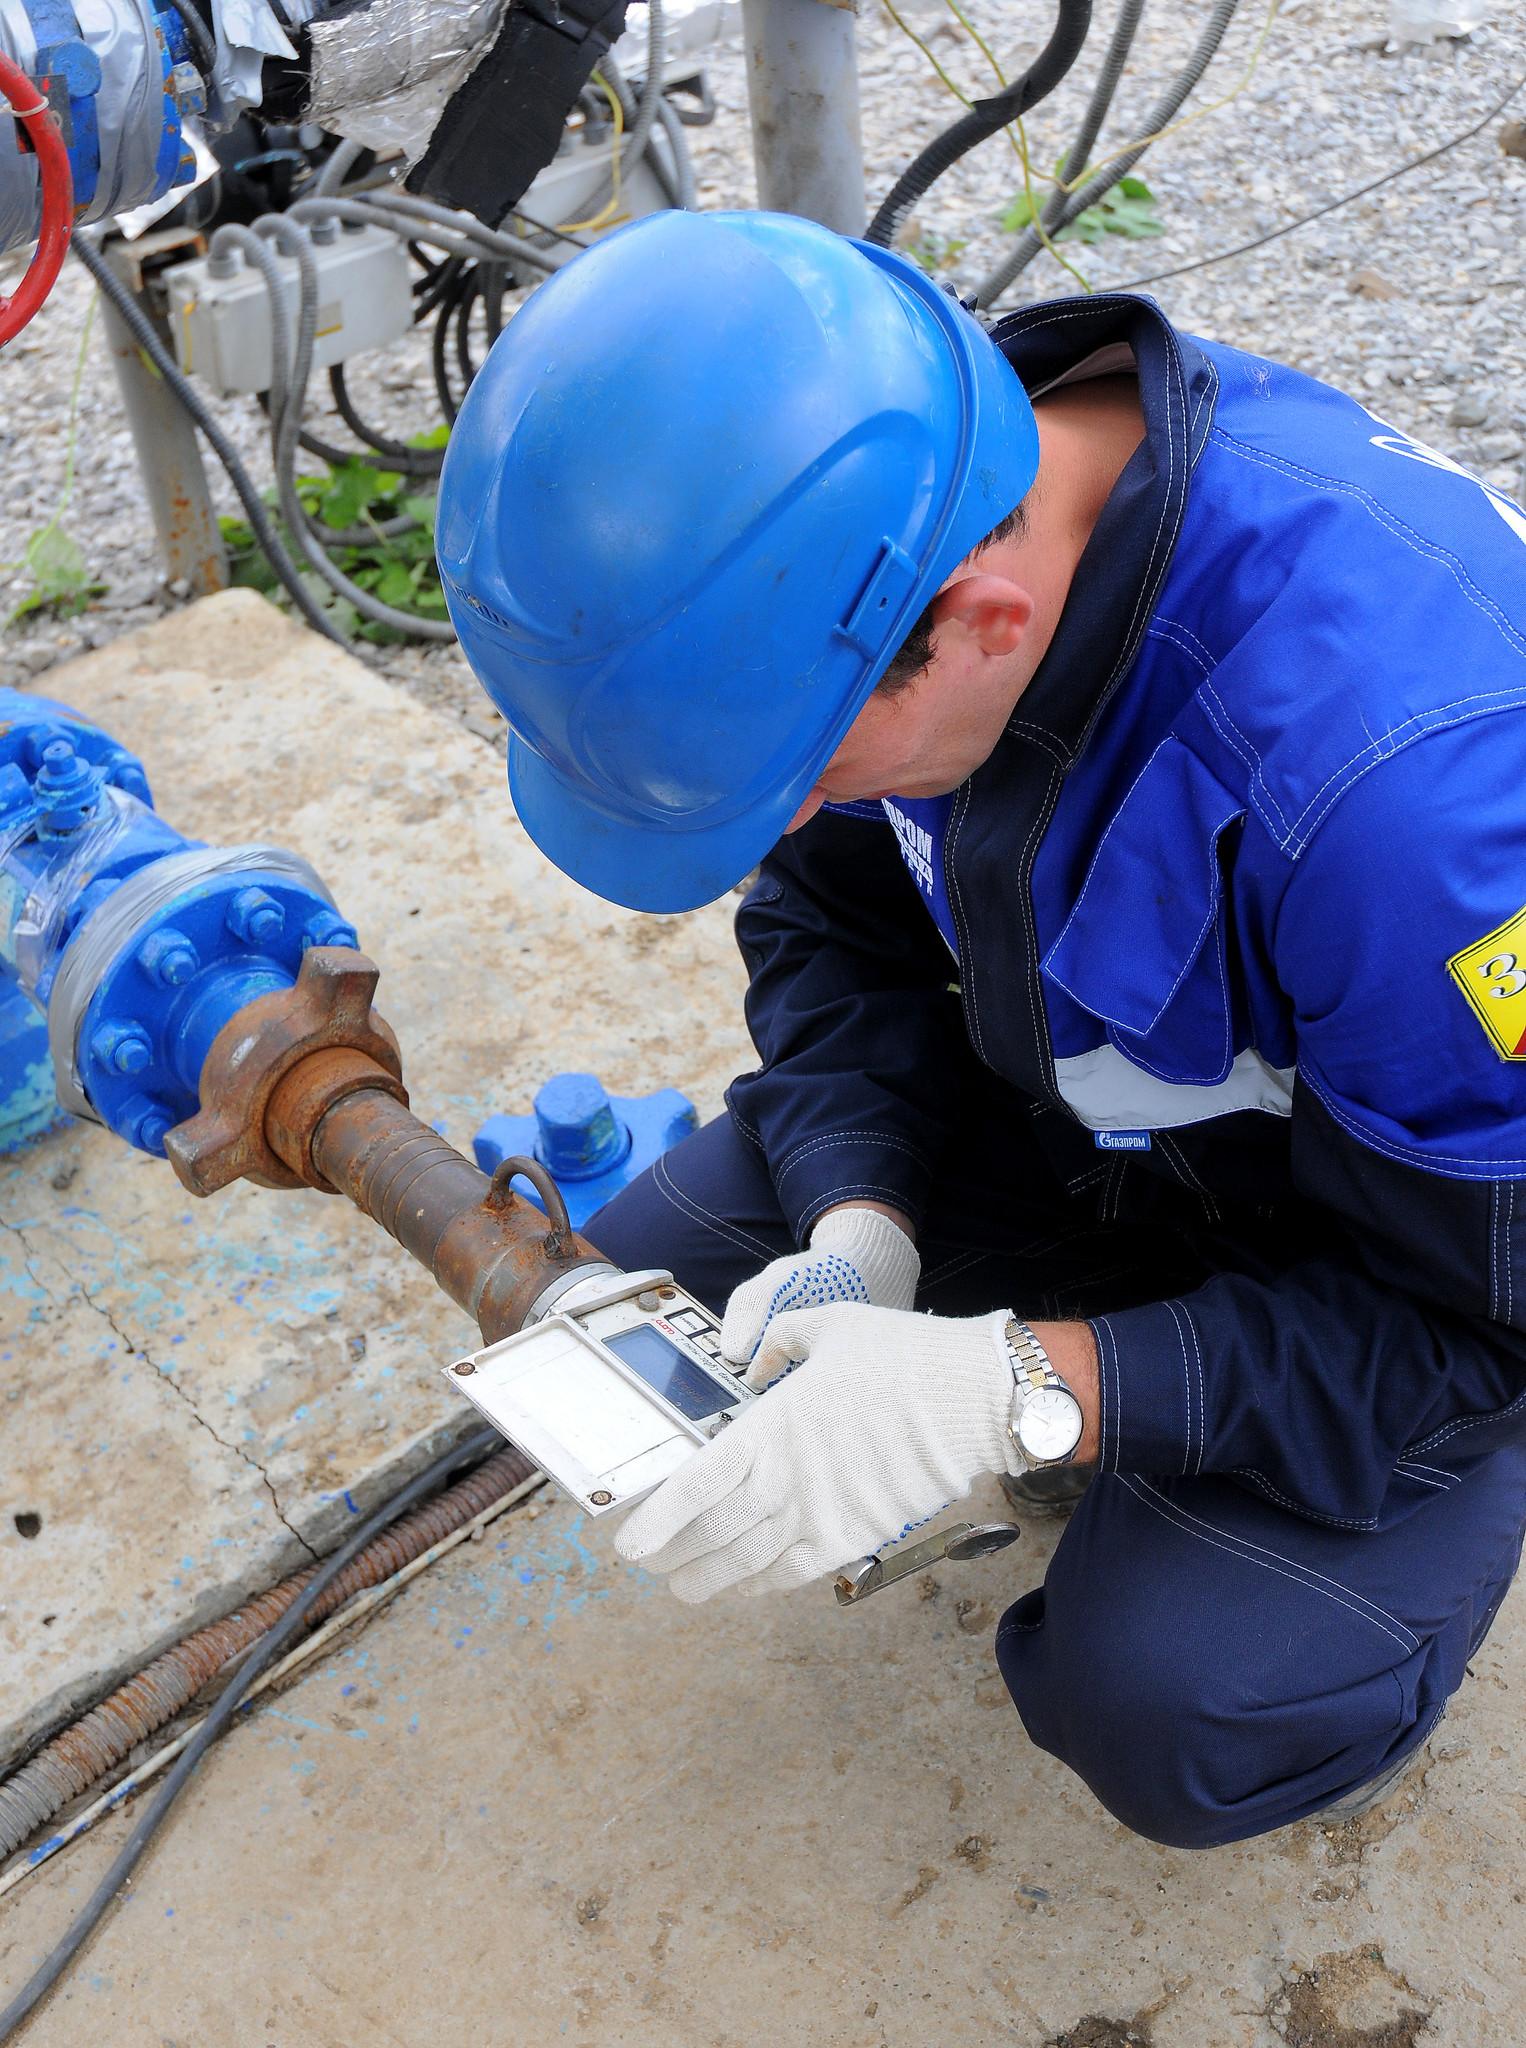 Производственная практика в ООО Газпром добыча Кузнецк студентов  Верный помощник оператора прибор СУДОС